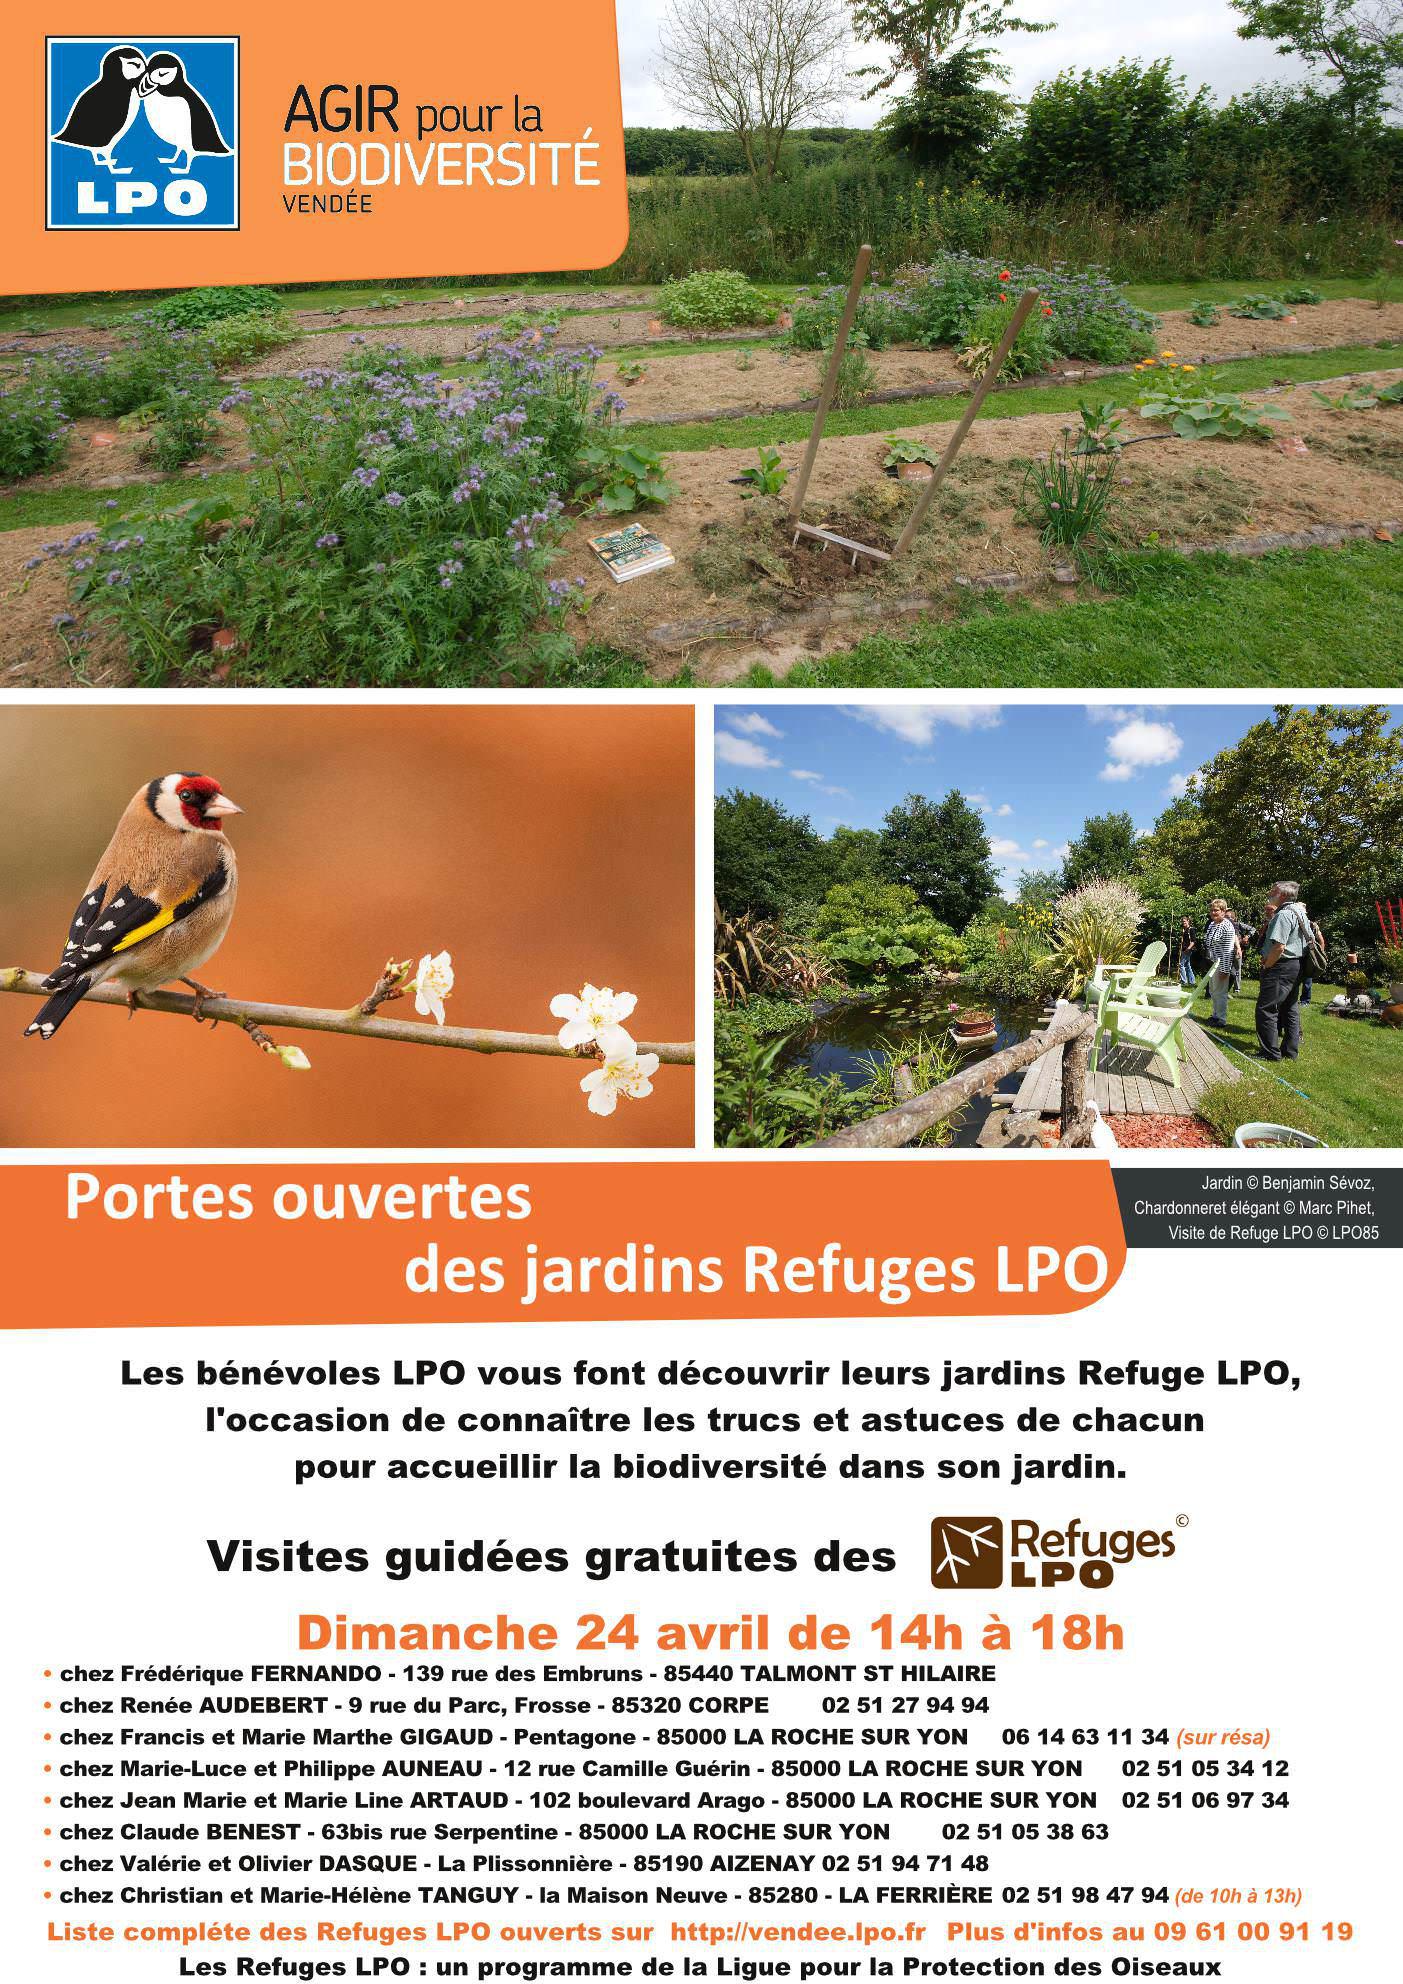 Portes ouvertes du jardin Refuge LPO de Renée